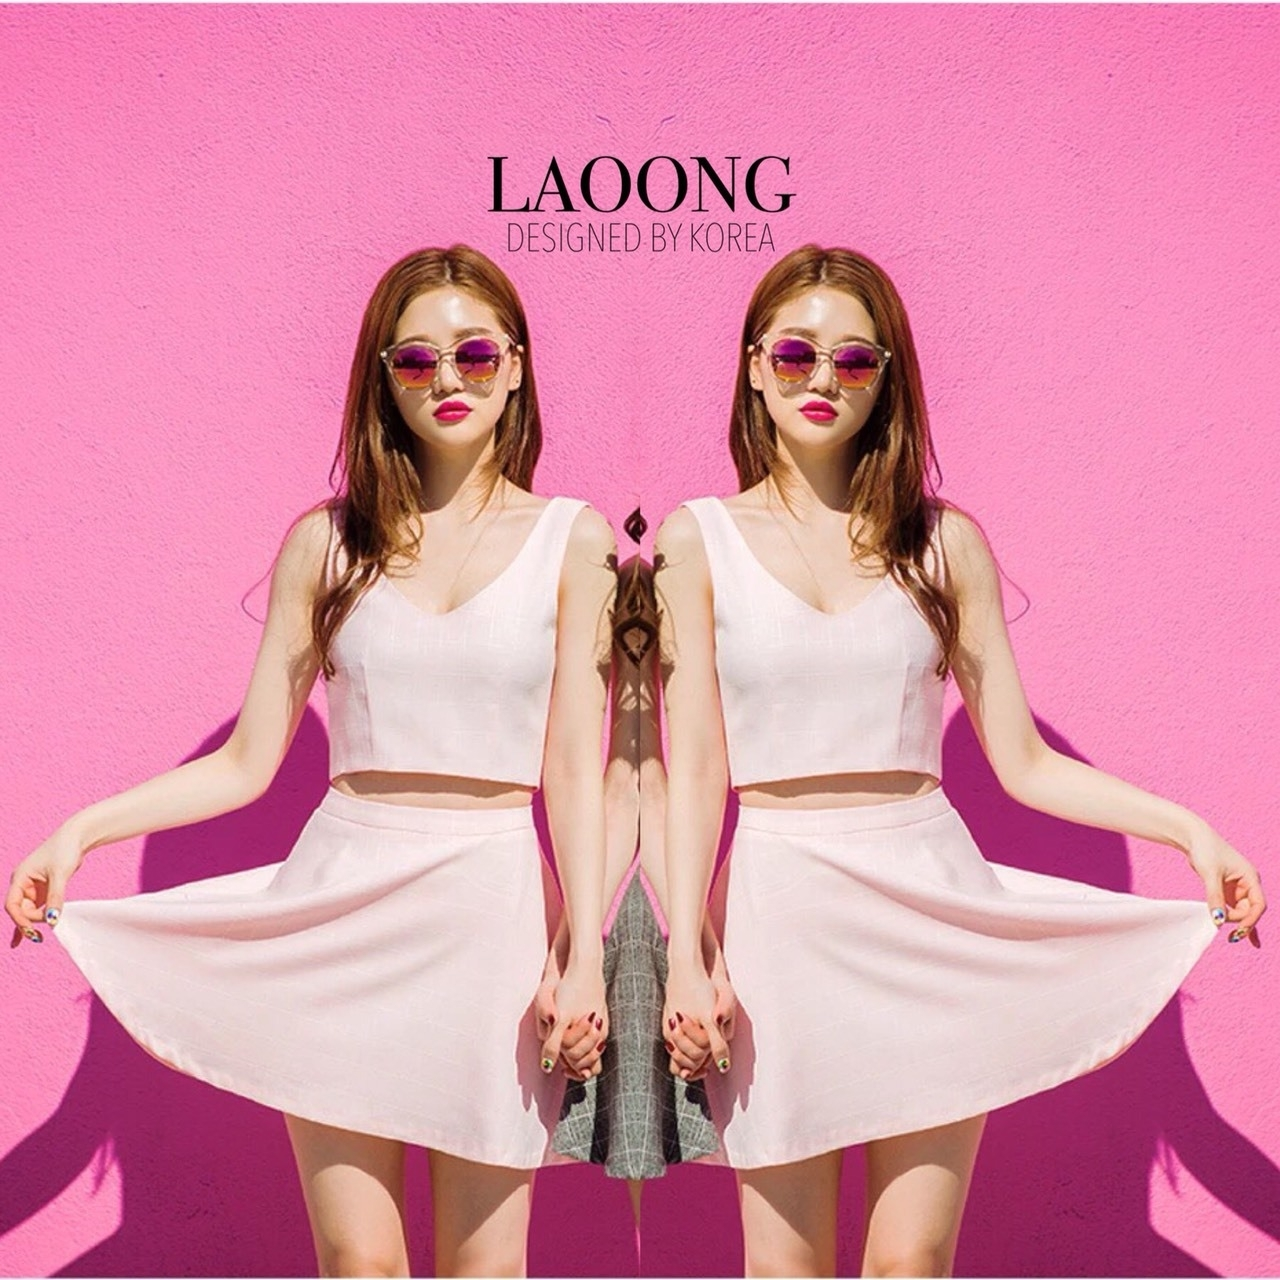 เสื้อผ้าเกาหลีพร้อมส่ง Set สีชมพูพิมพ์ลายตารางสีขาวอ่อนๆ